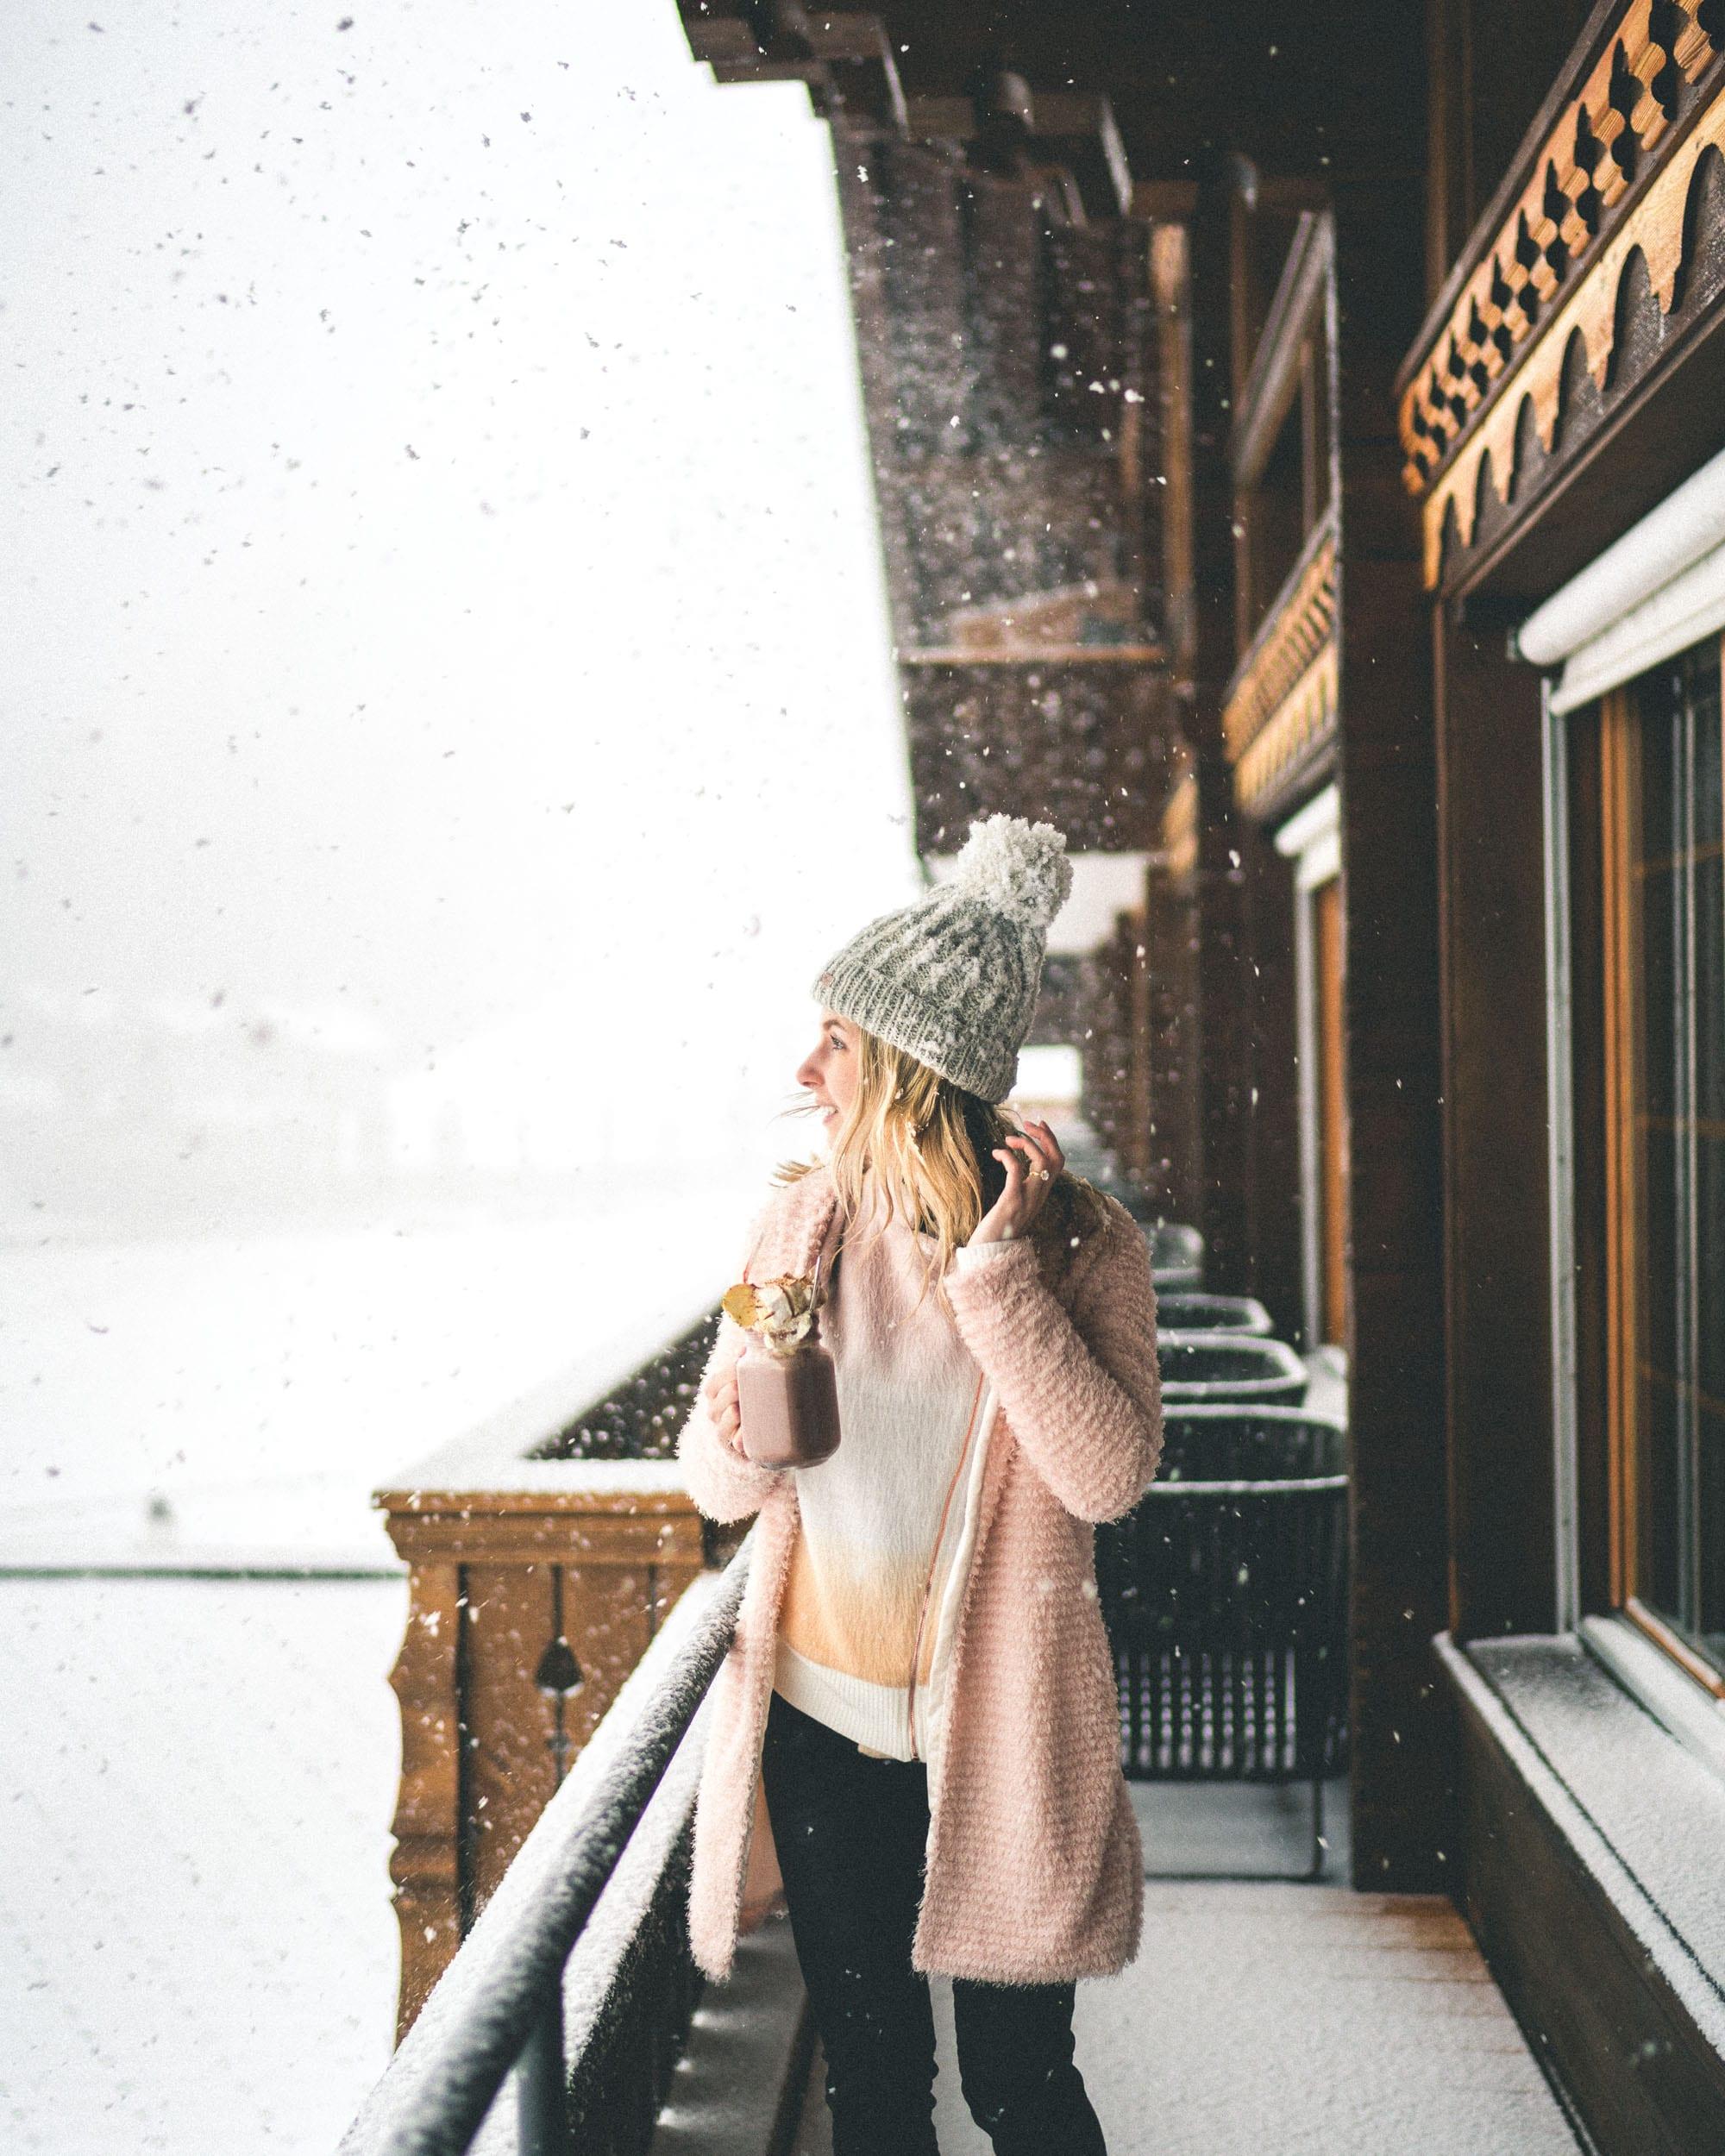 Snow at Huus Gstaad in Gstaad, Saanen, Switzerland